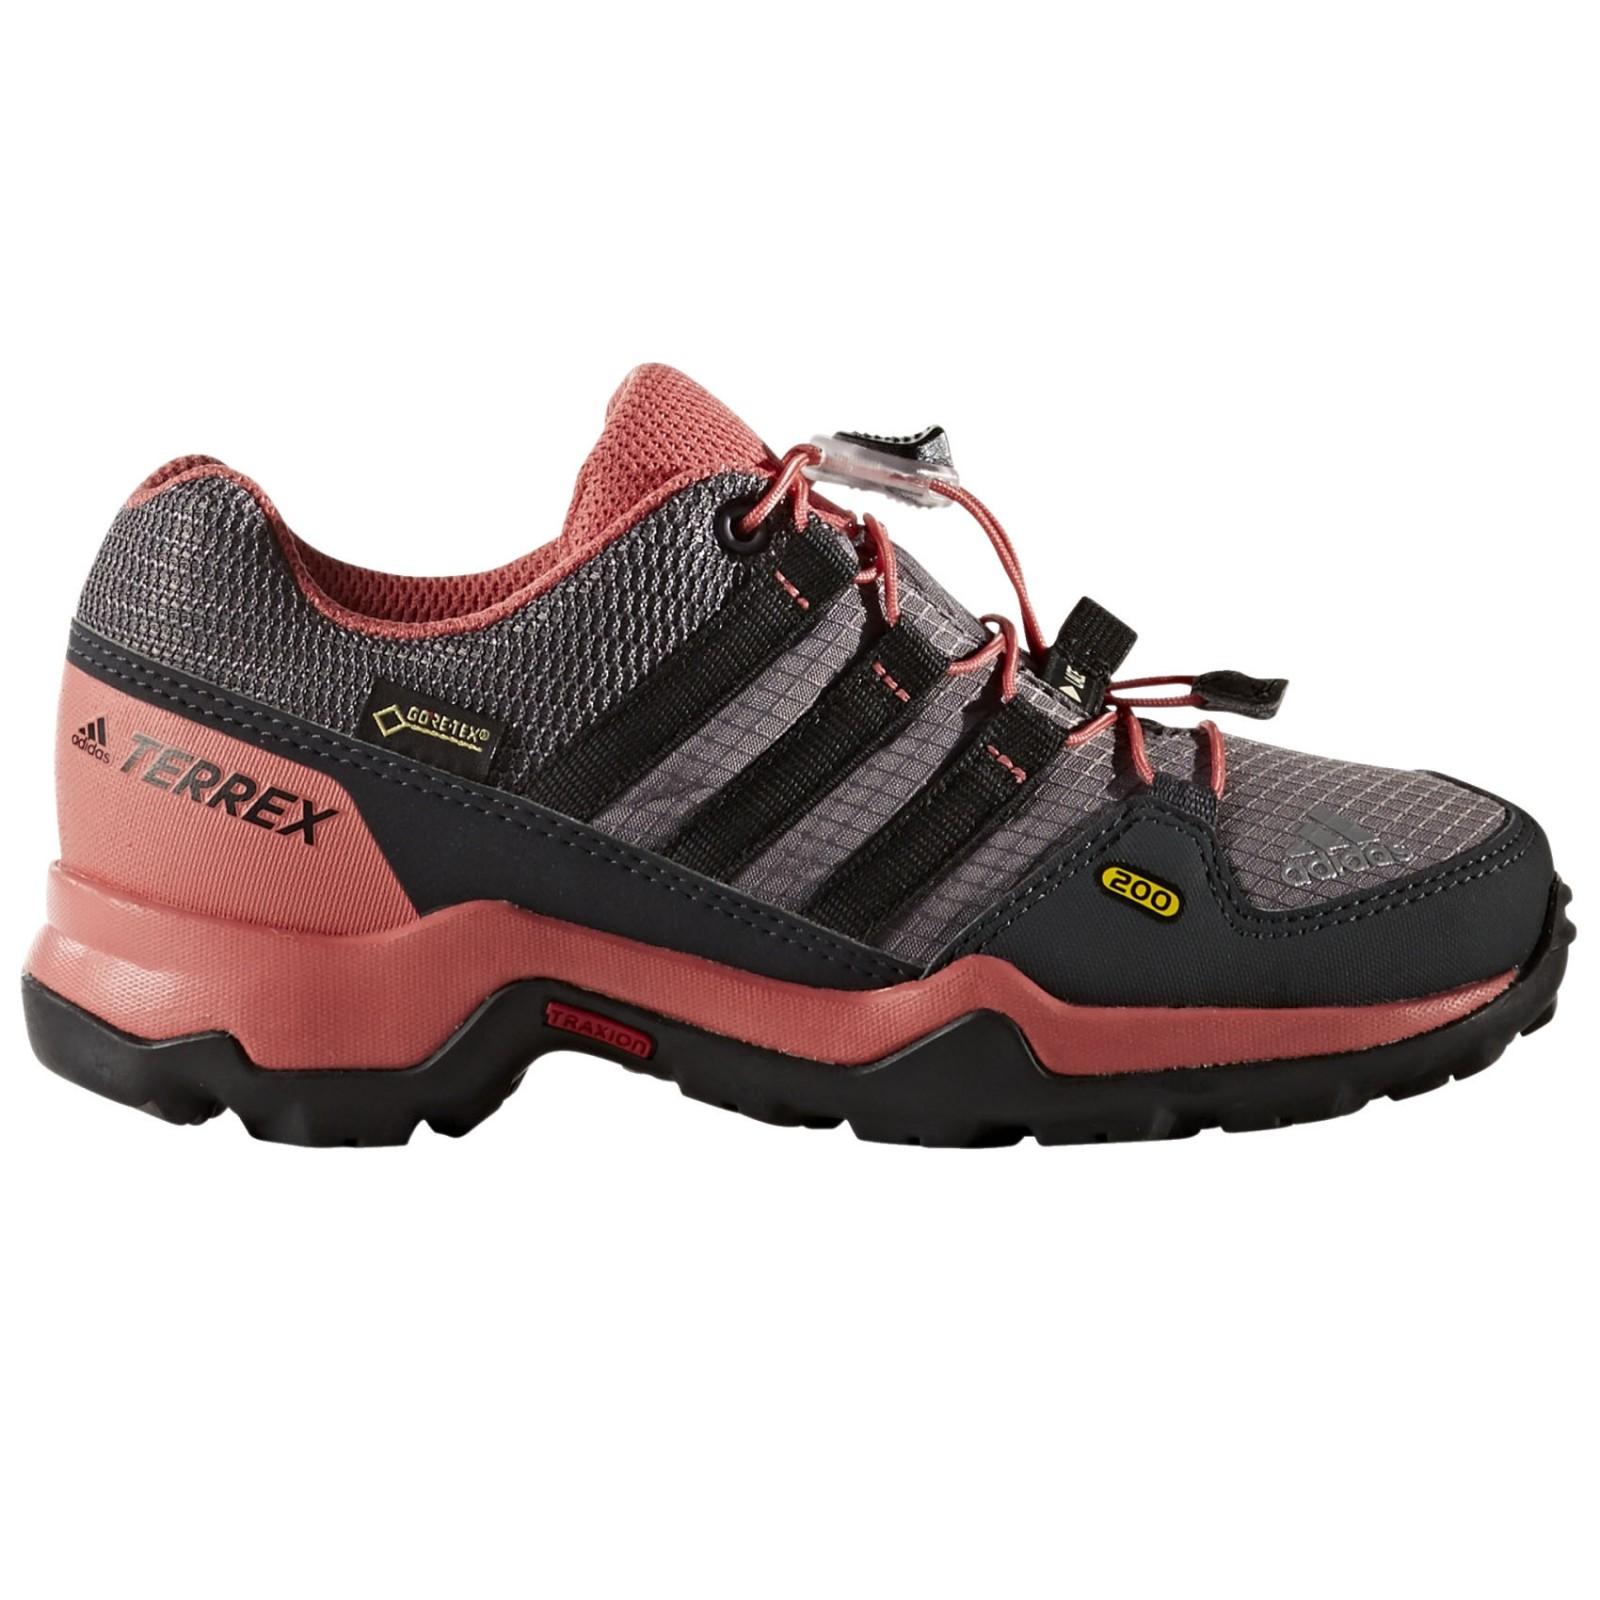 Dětská treková obuv adidas TERREX GTX K  c915a9846f